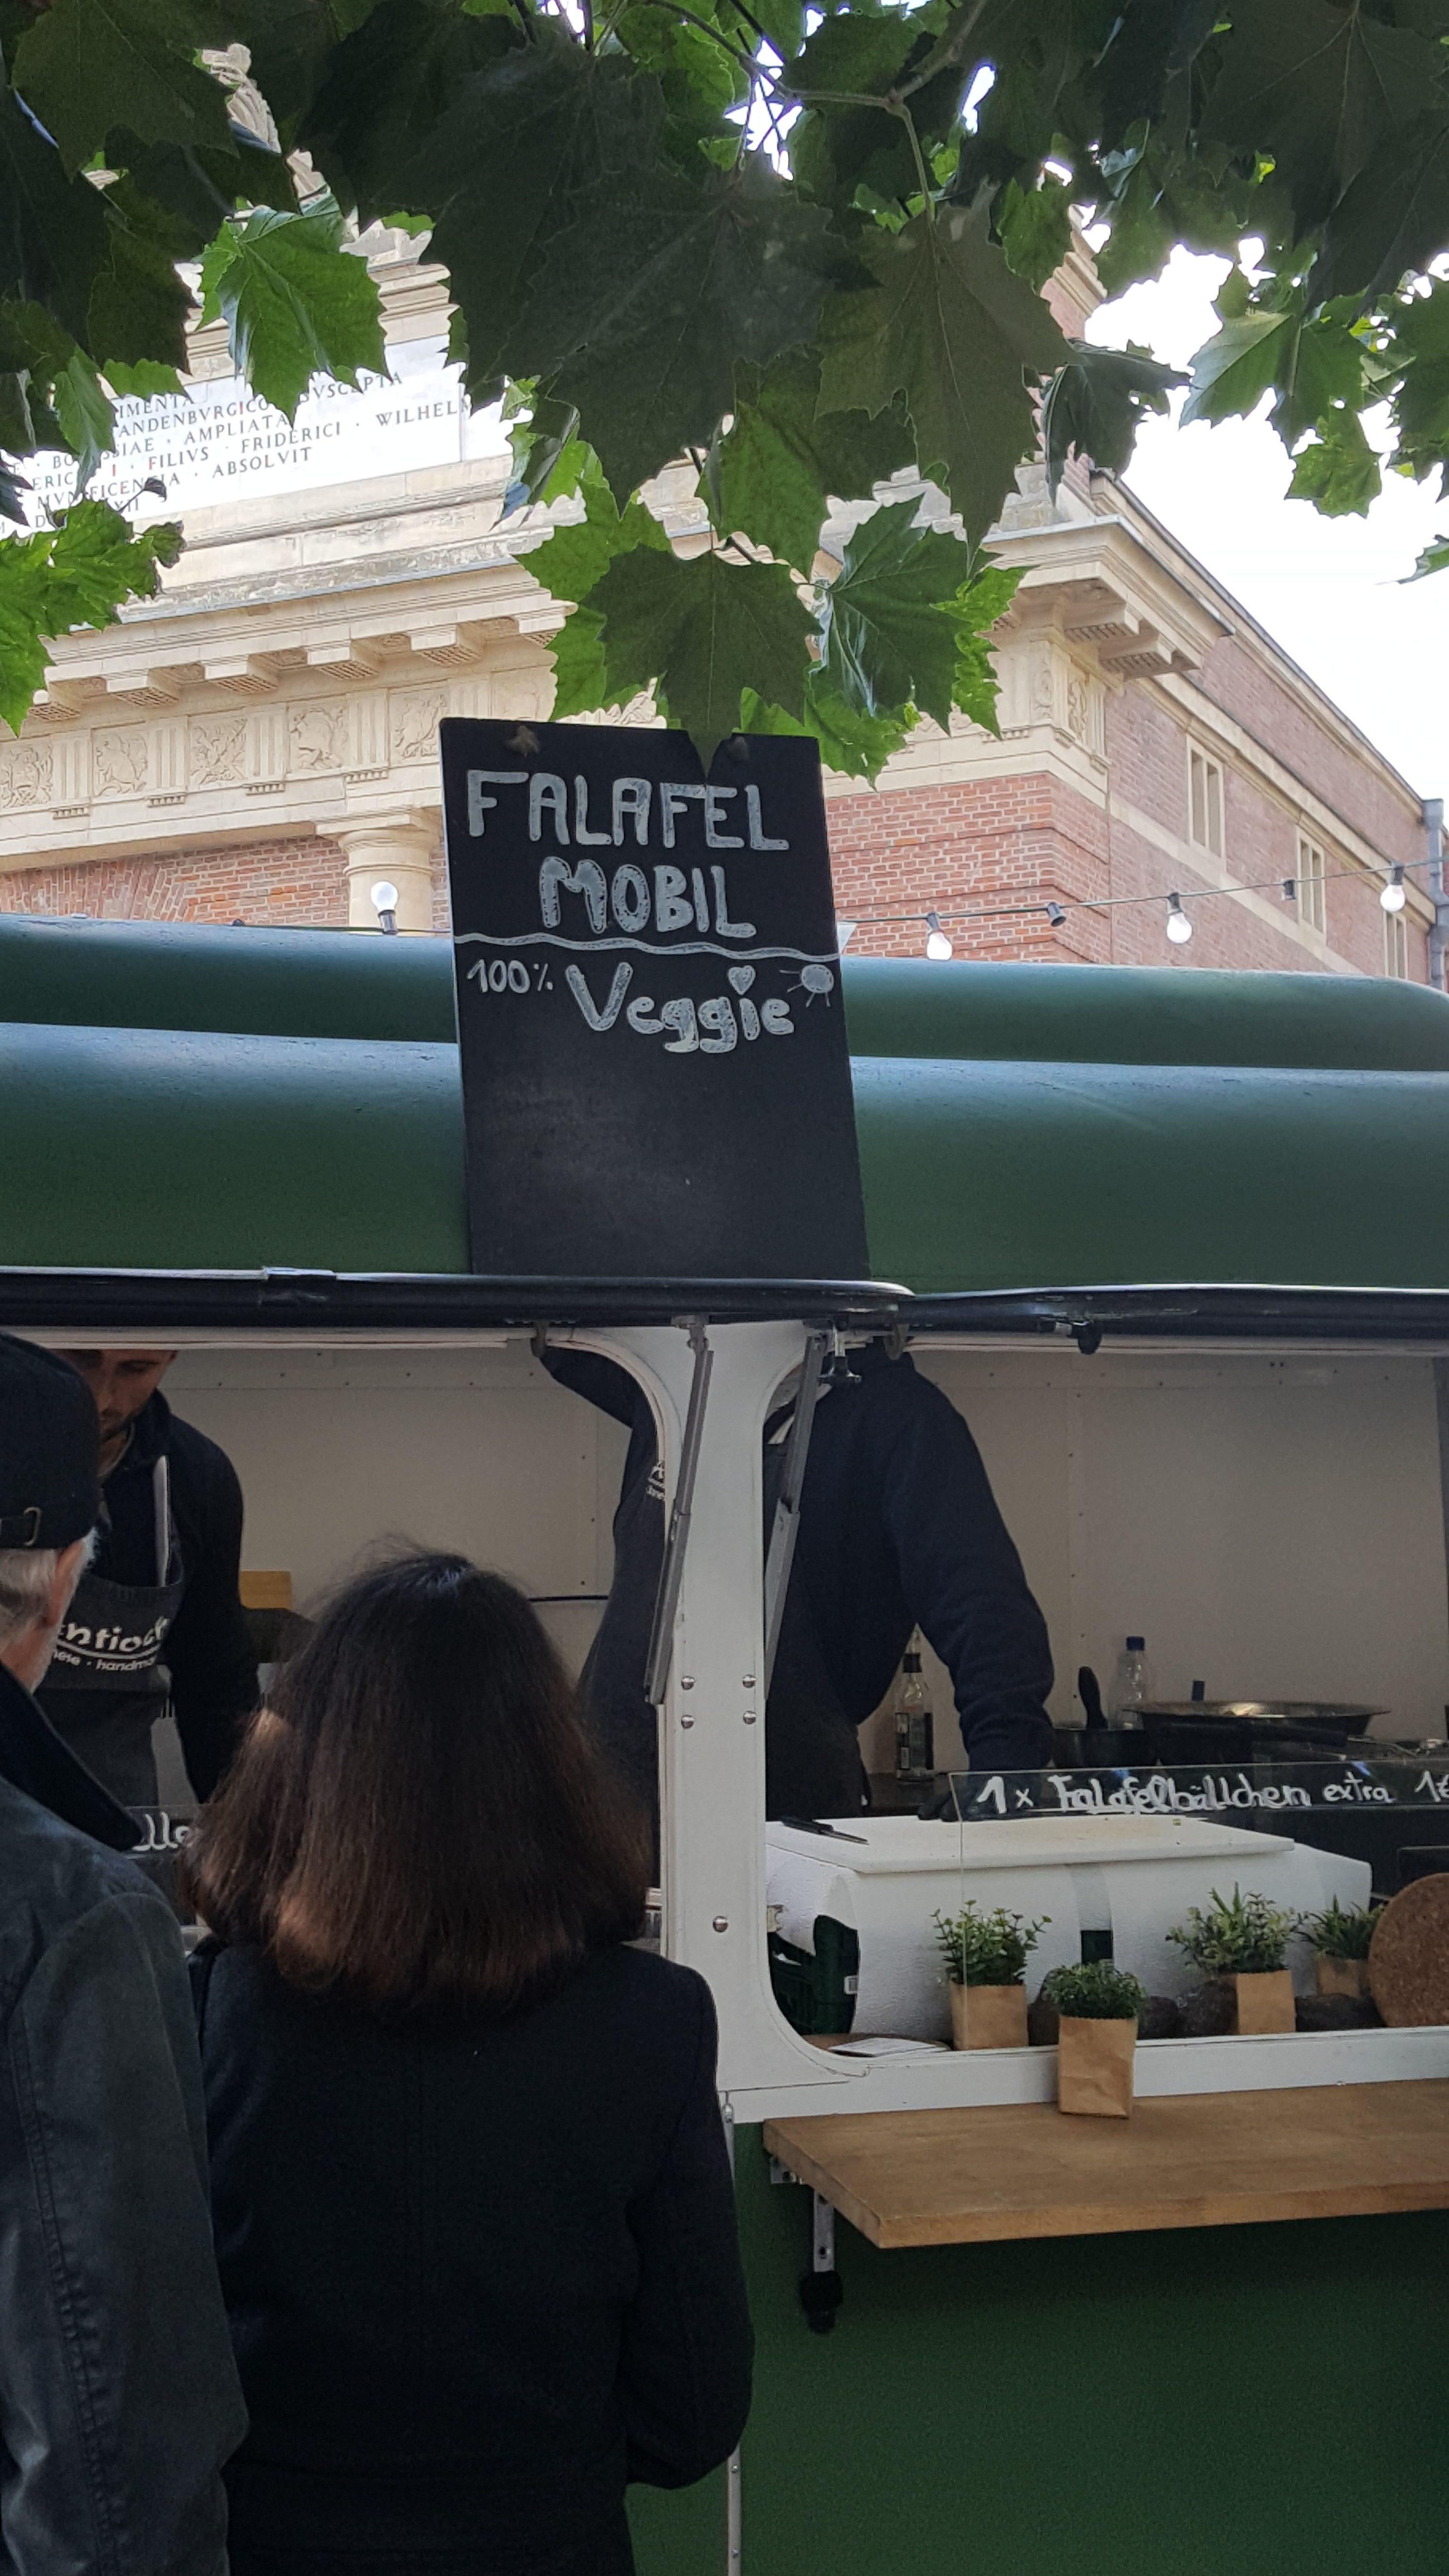 Antiochia Köln - Falafel vegetarisch und vegan